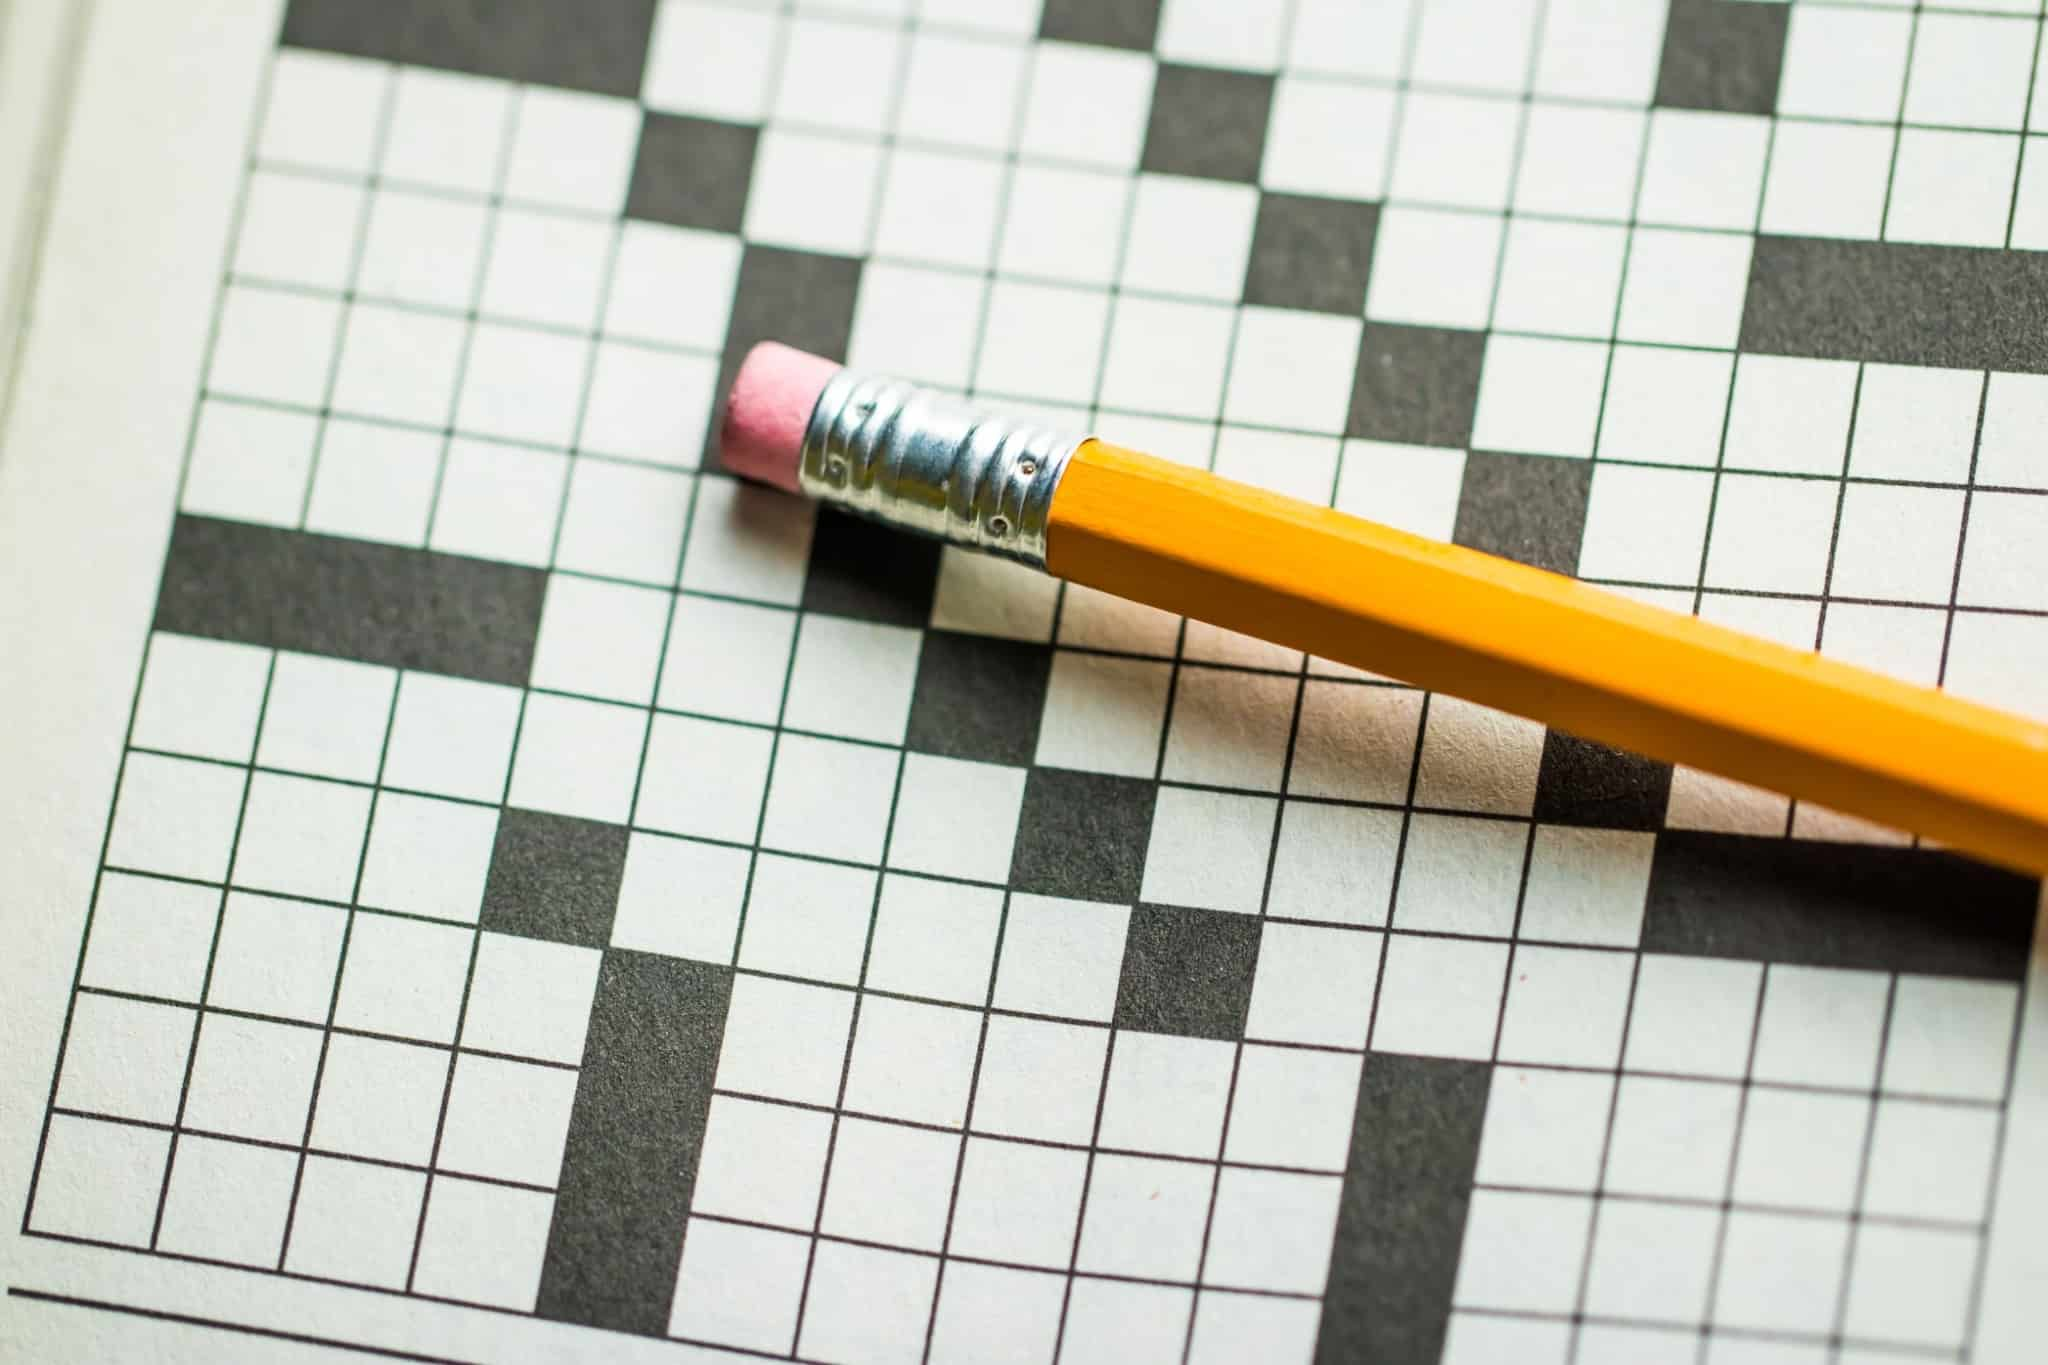 lápis em cima de um exercício de palavras cruzadas